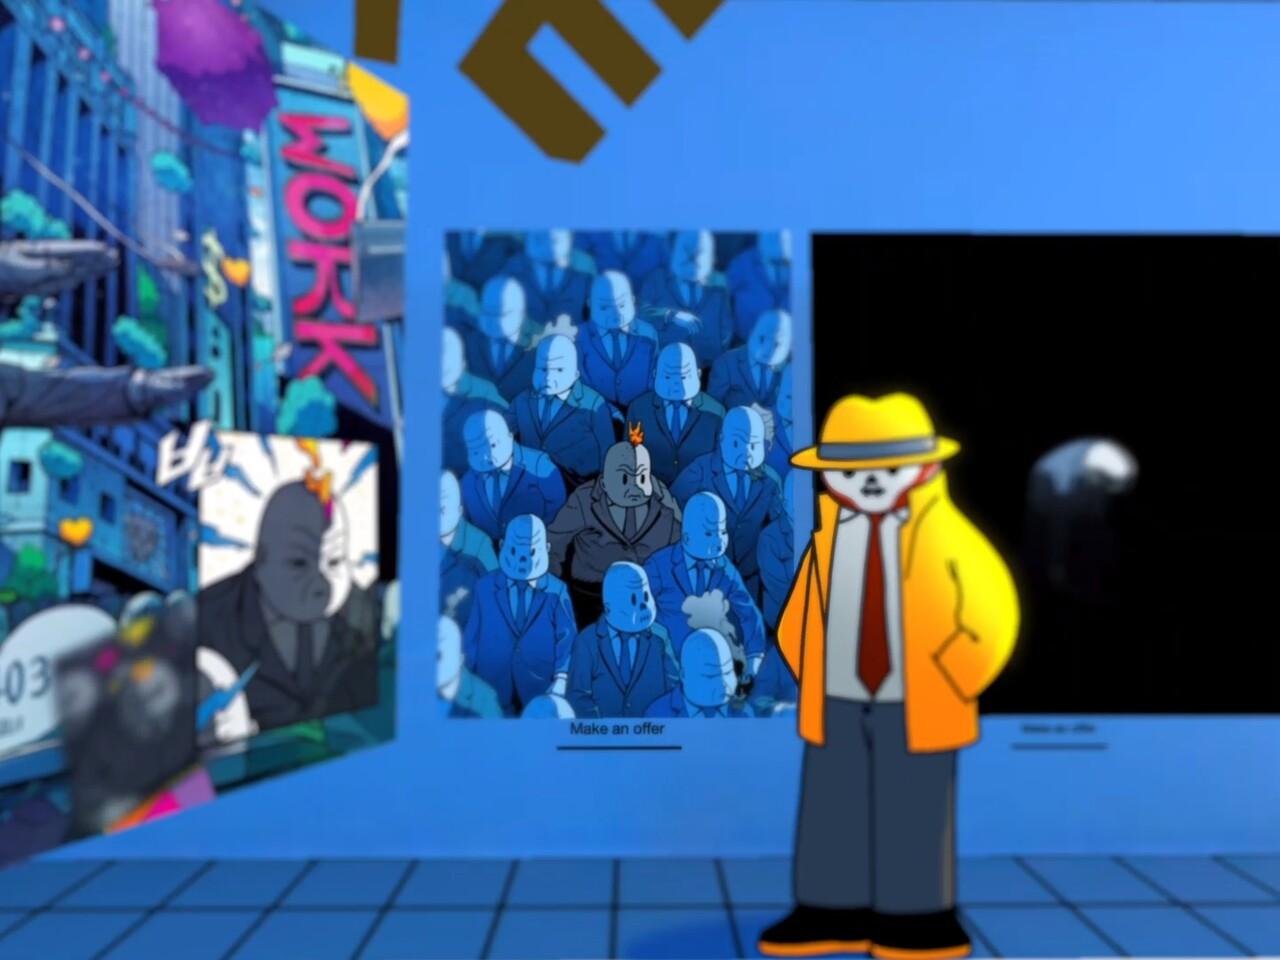 미스터 미상의 작품 'Mr Misang & Crypto World'. (위 그림을 누르면 해당 작품의 슈퍼레어 사이트로 이동한다. 거기서 '재생' 버튼을 누르면 애니메이션 작품을 감상할 수 있다.)